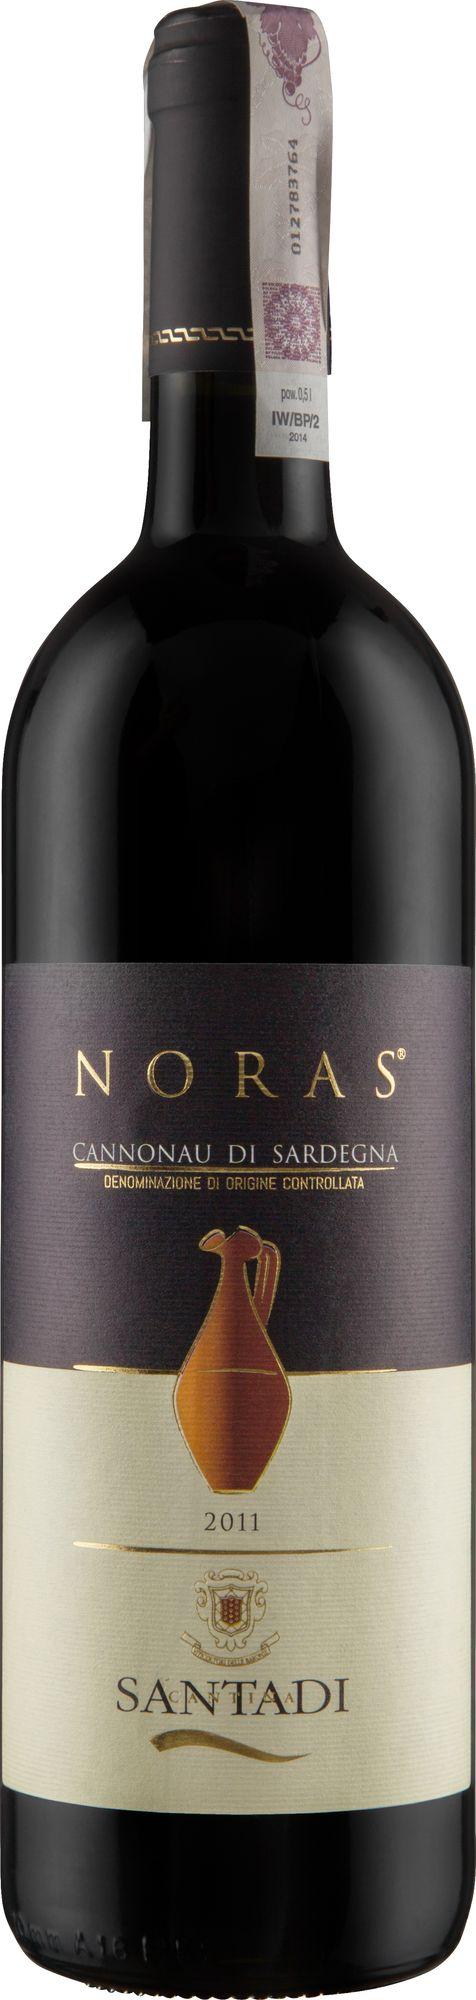 Wino Santadi Noras Cannonau di Sardegna DOC